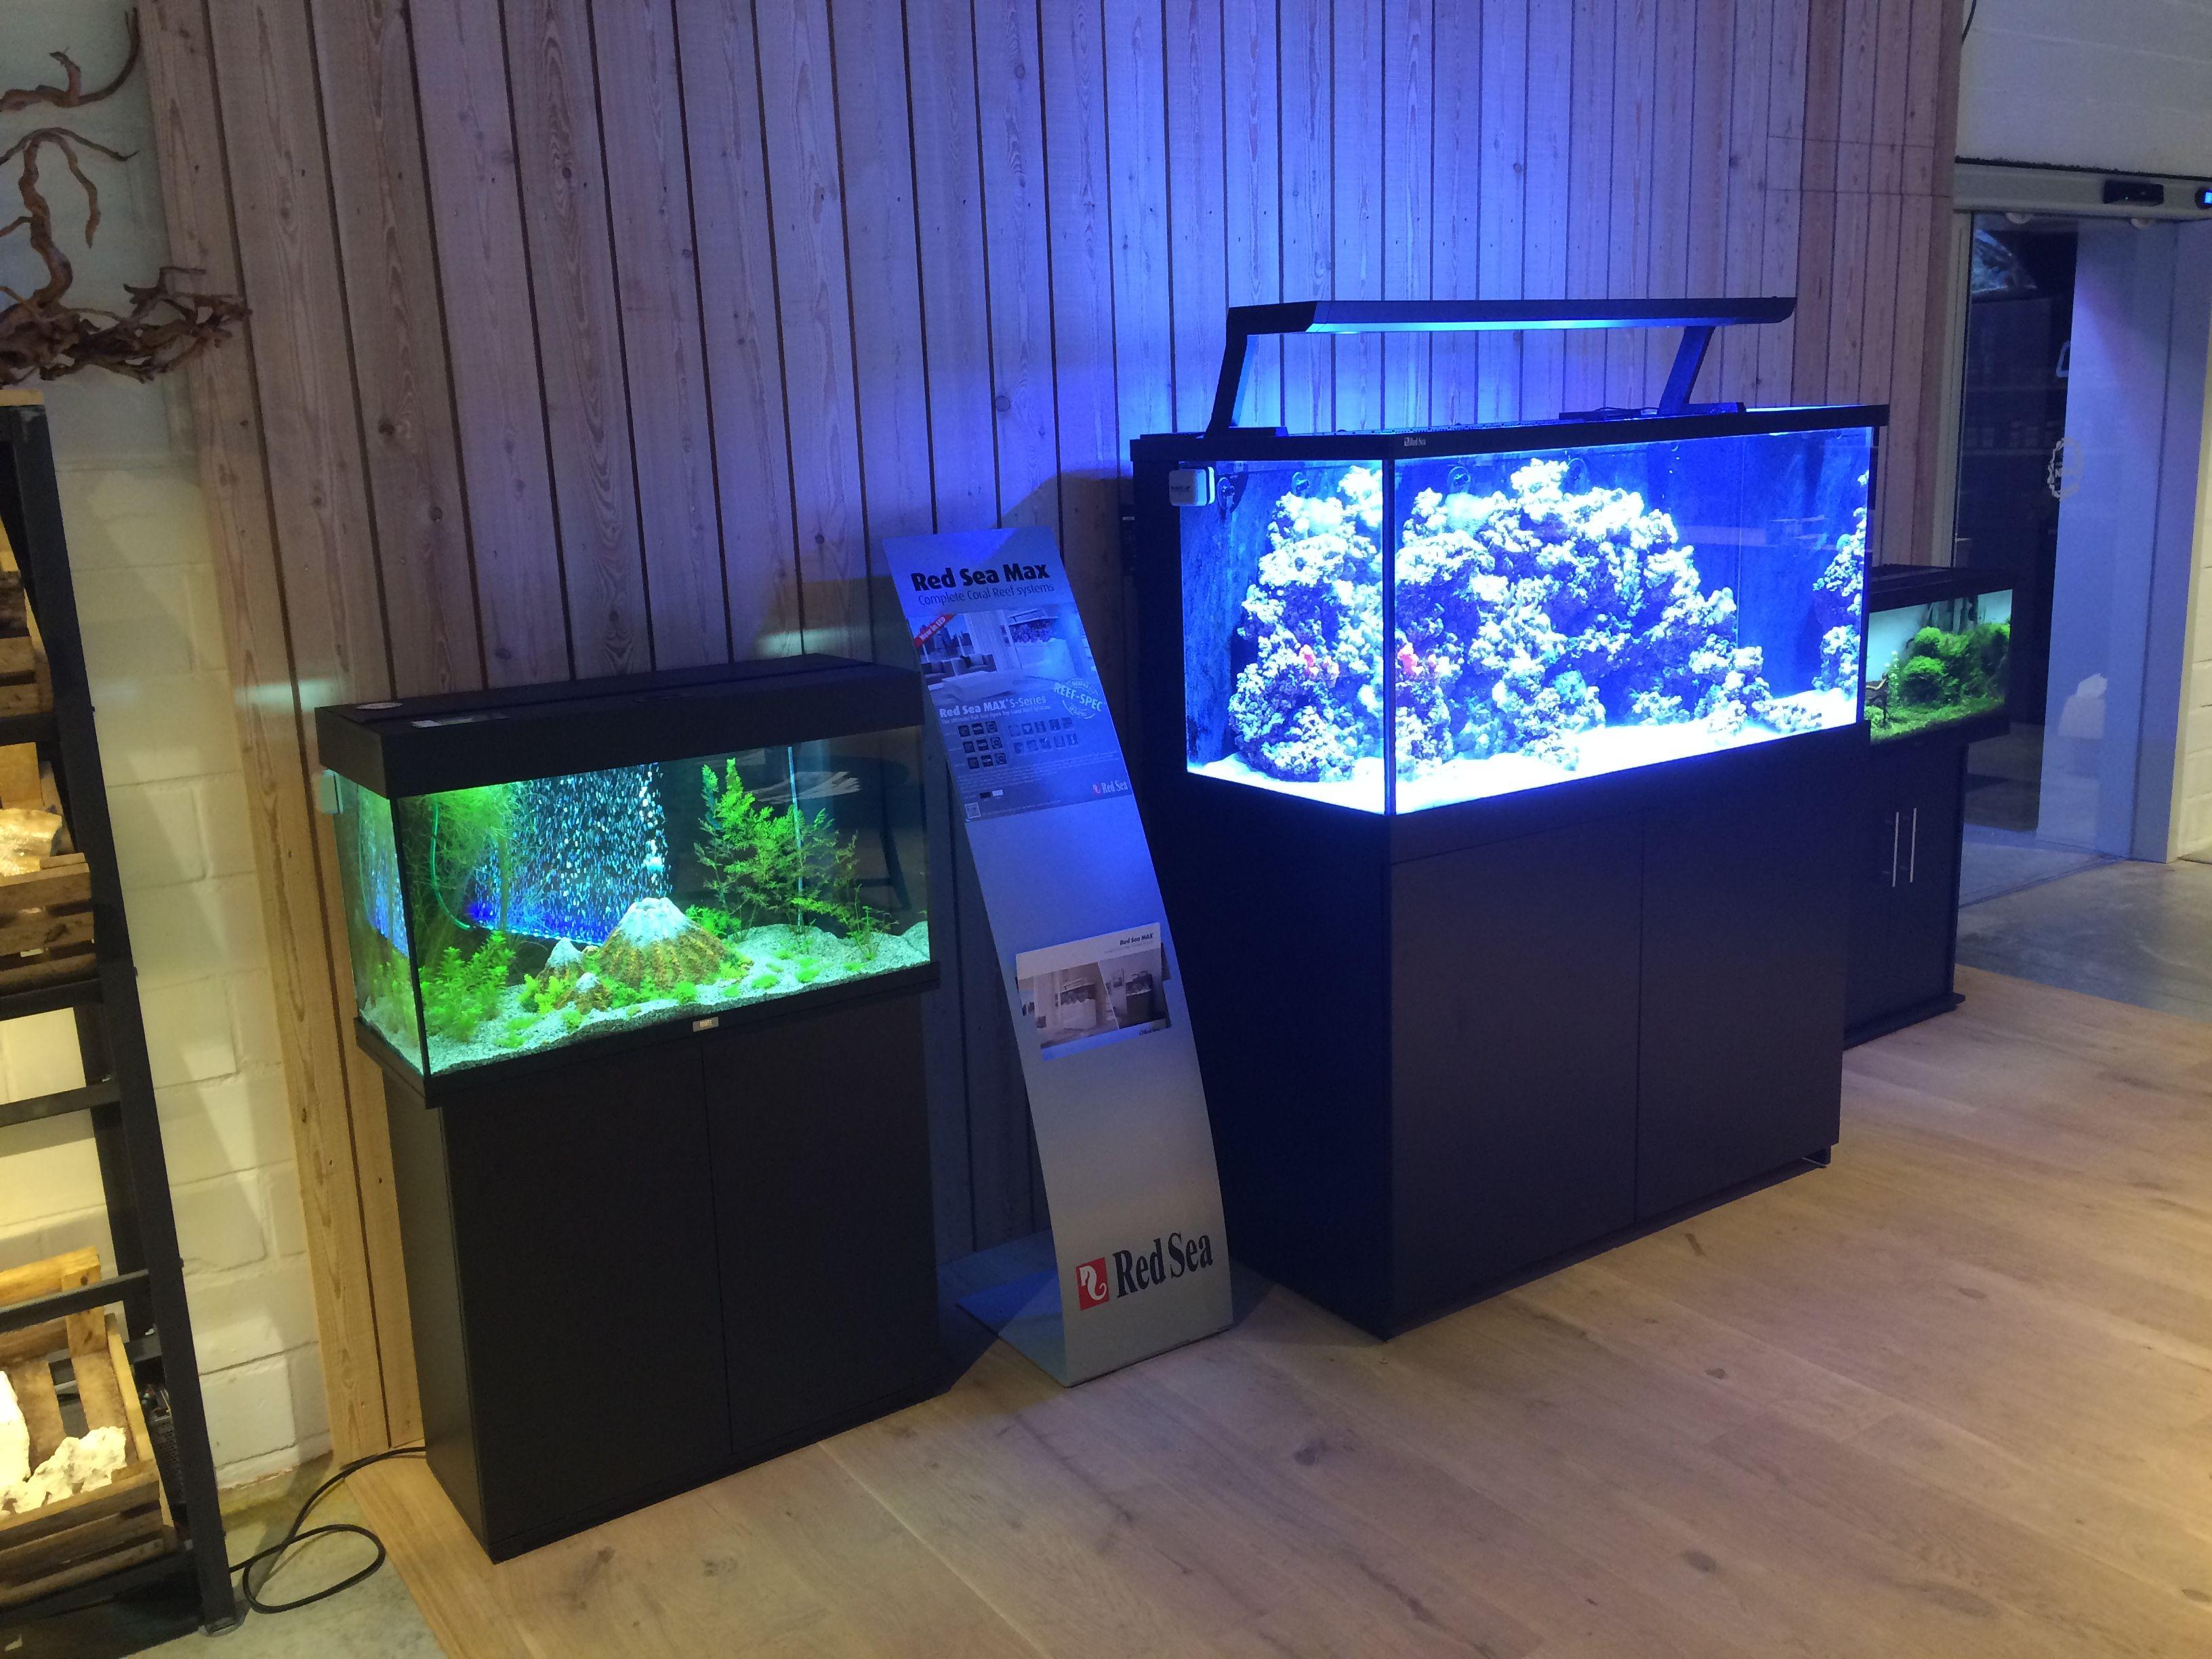 450dc81c81900cee95985760213cb2e1 Frais De Aquarium original Des Idées